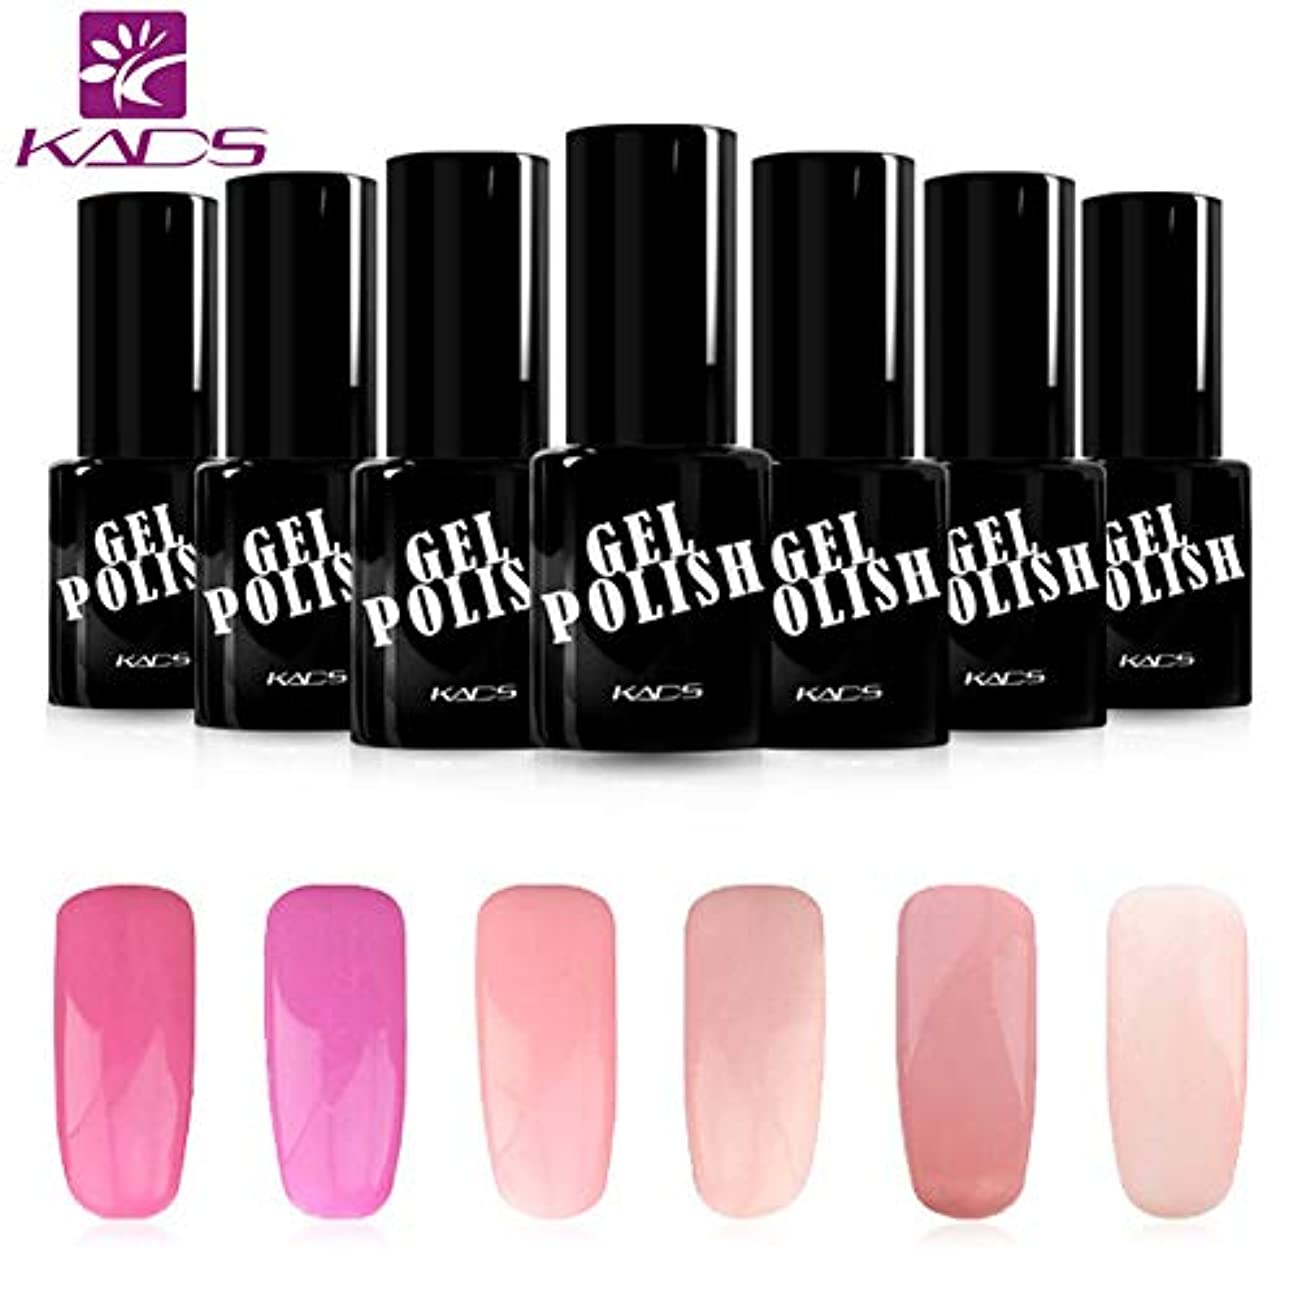 捕虜宙返りギャロップKADS ジェルネイルカラーポリッシュ 6ボトルセット 桜の系 ピンク/パープル UV/LED対応 ピンク/パープル系 マニキュアセット (セット1)